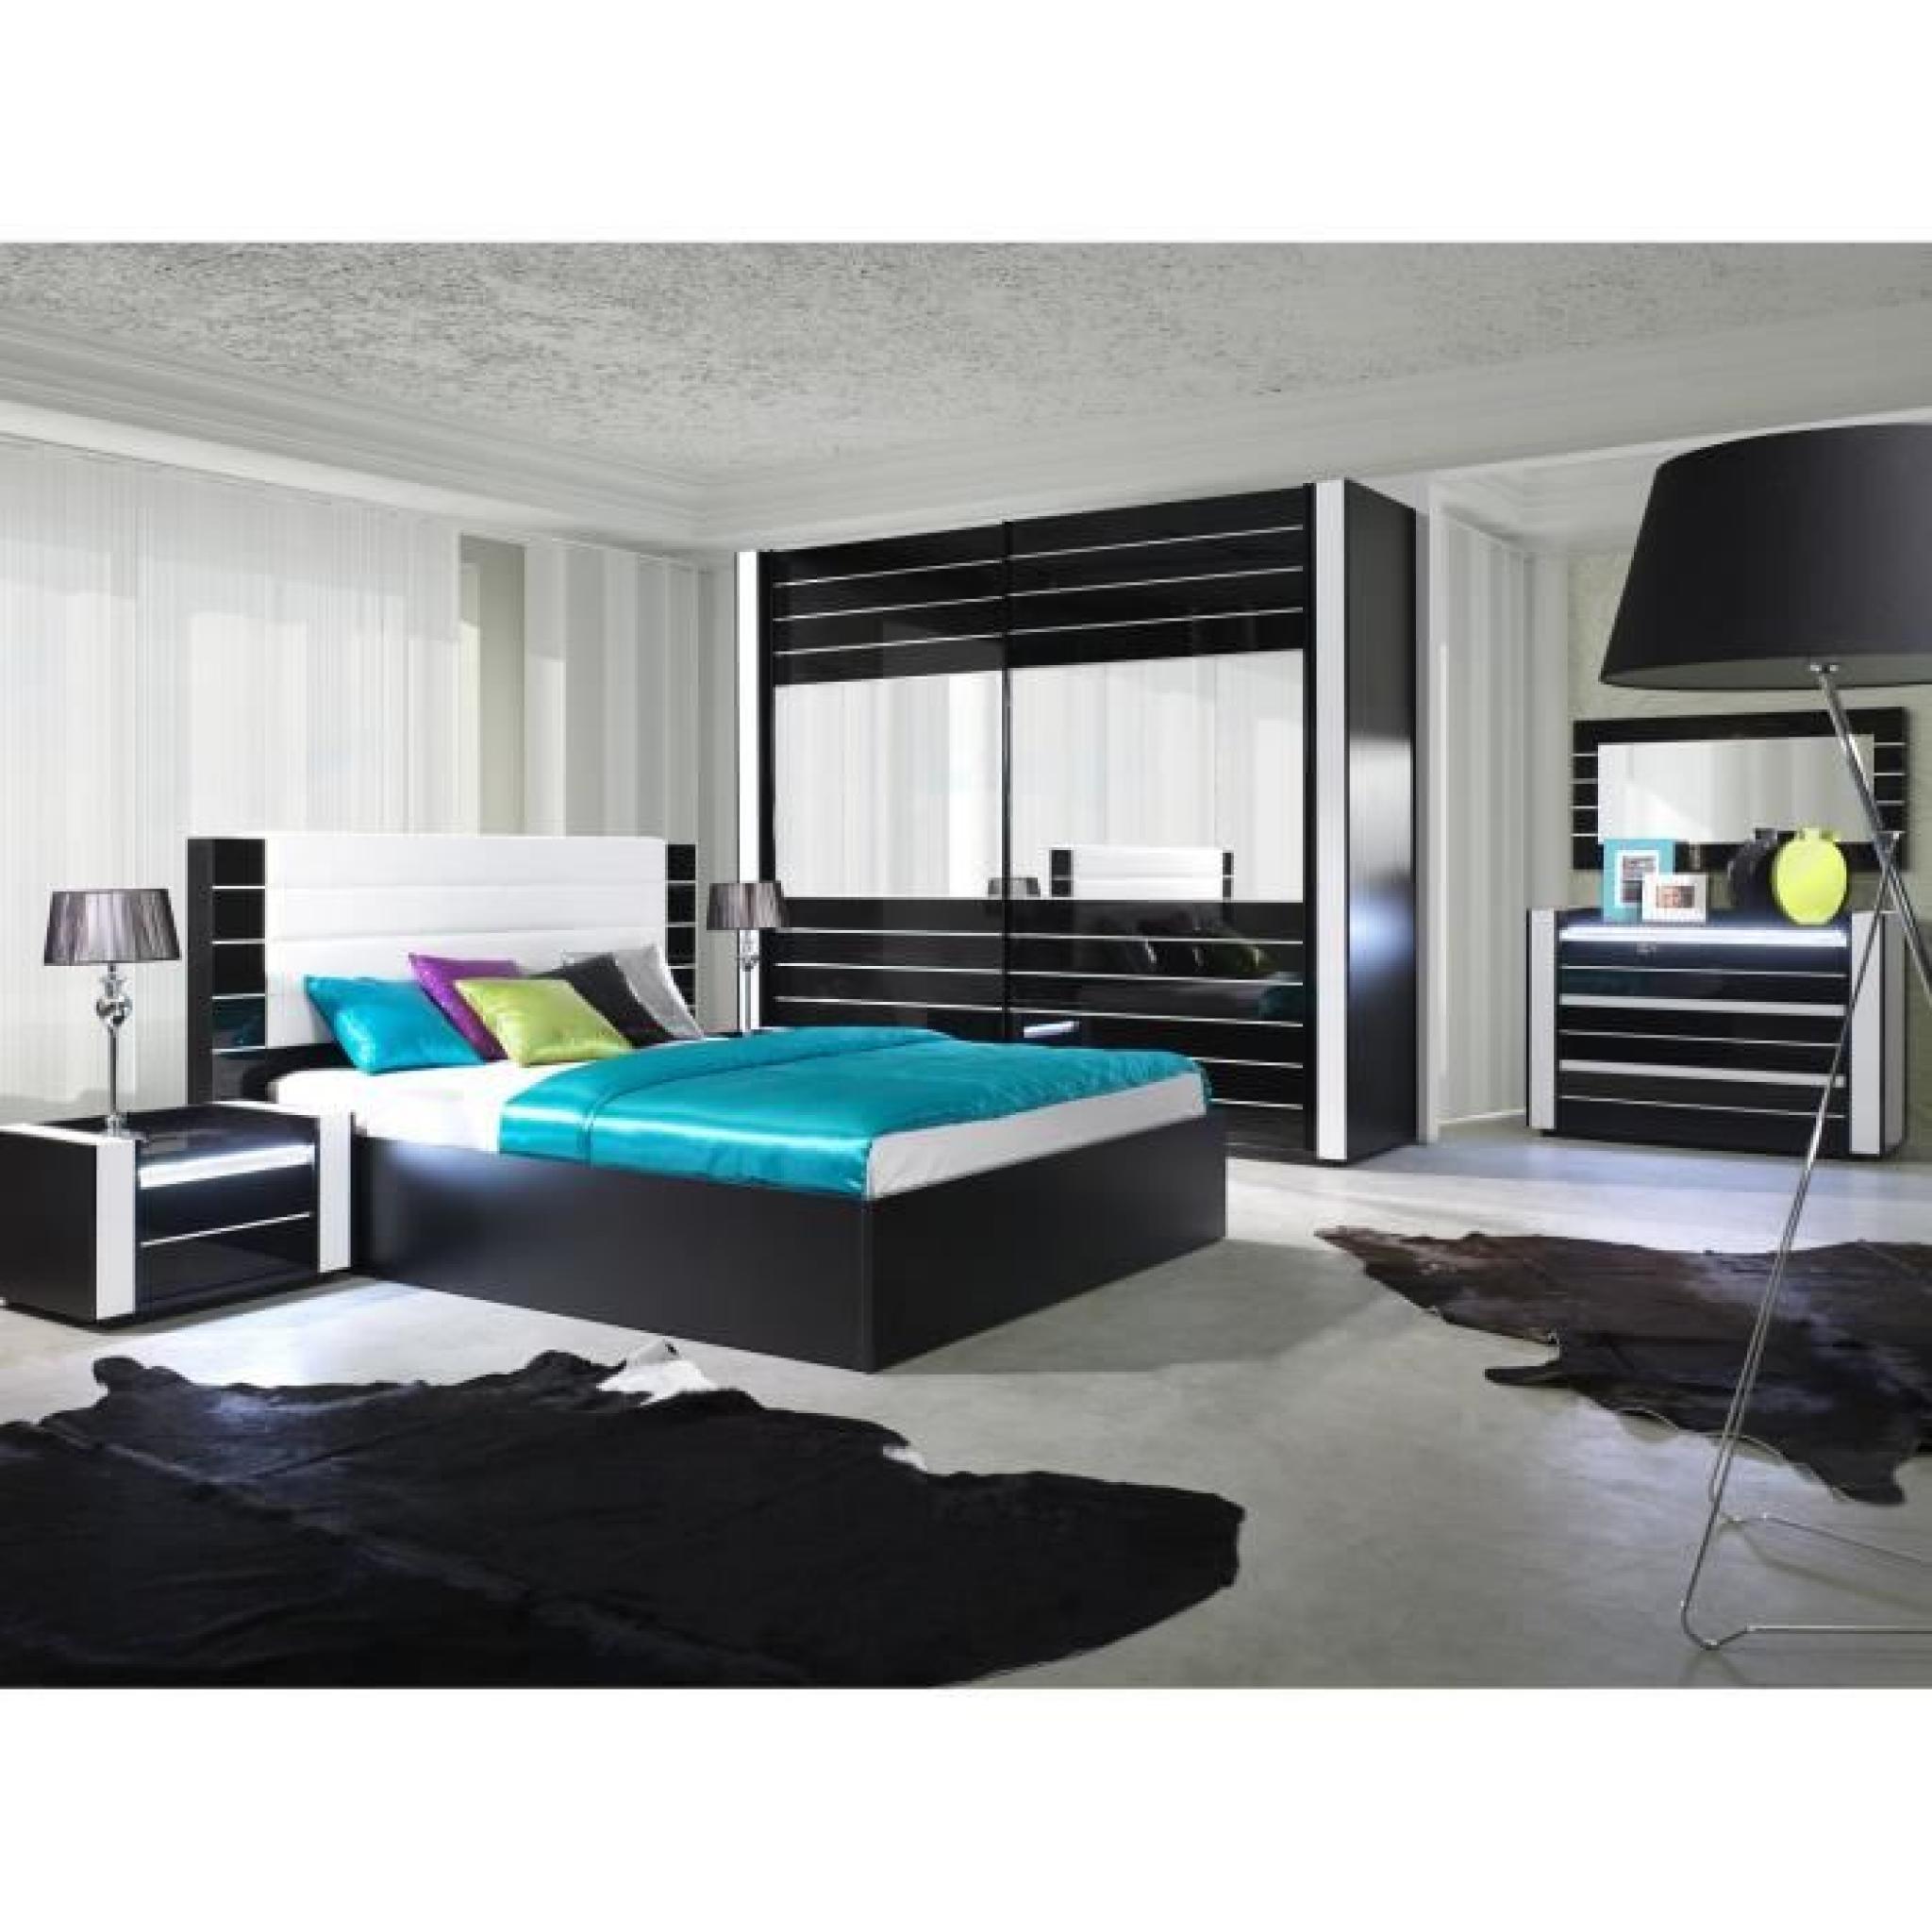 Armoire lina noir et blanche laqu e tout quip e meuble for Ensemble chambre a coucher adulte